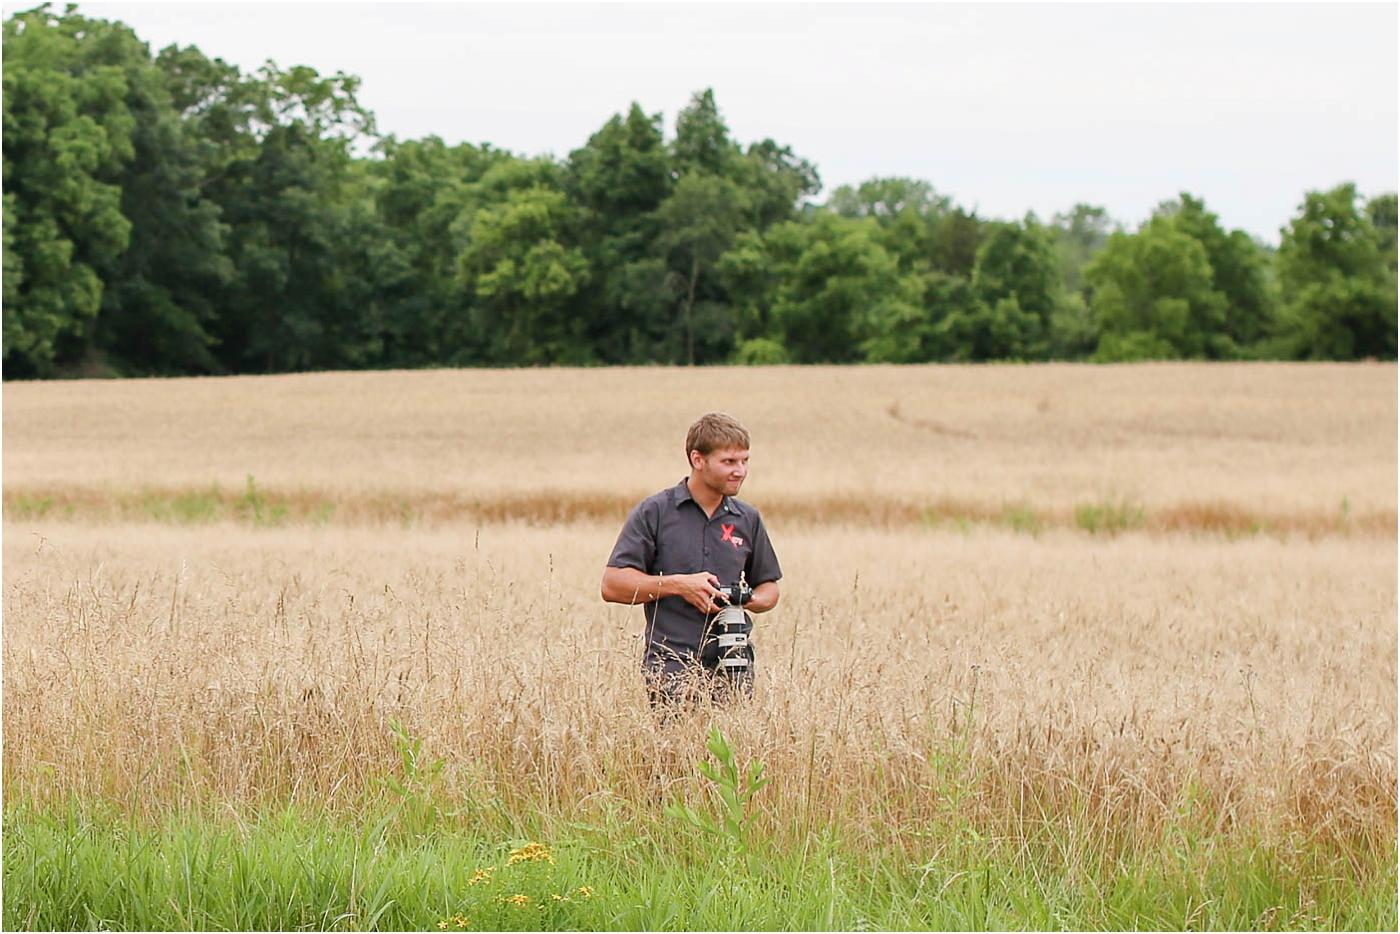 Carroll-county-photographer_0026.jpg